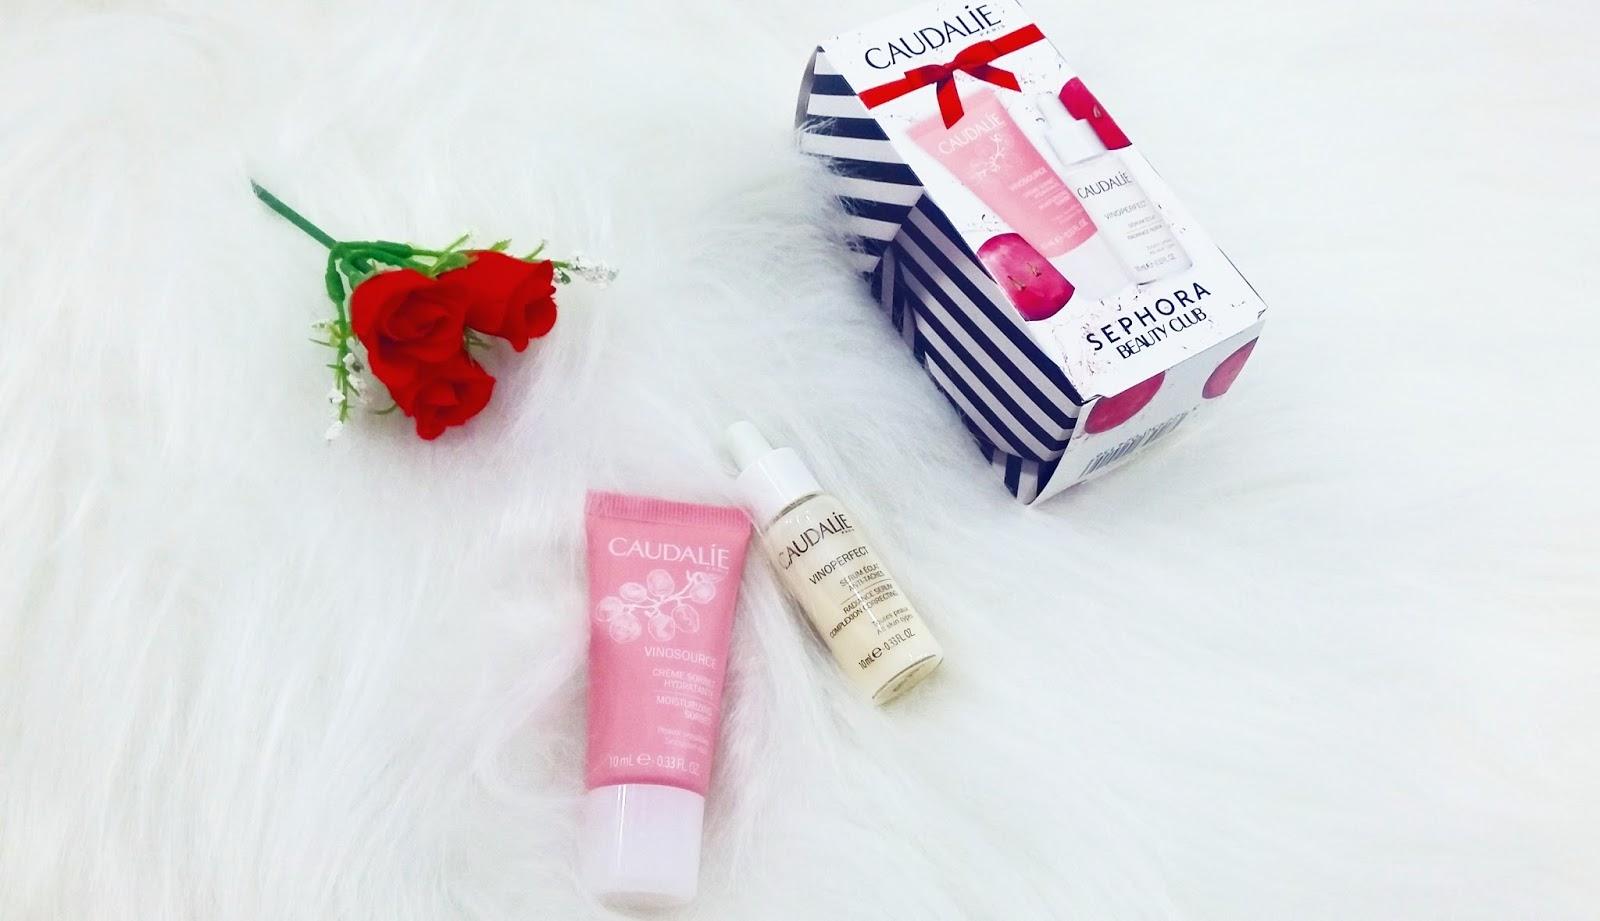 Presente de Aniversário Sephora Beauty Club Caudalie